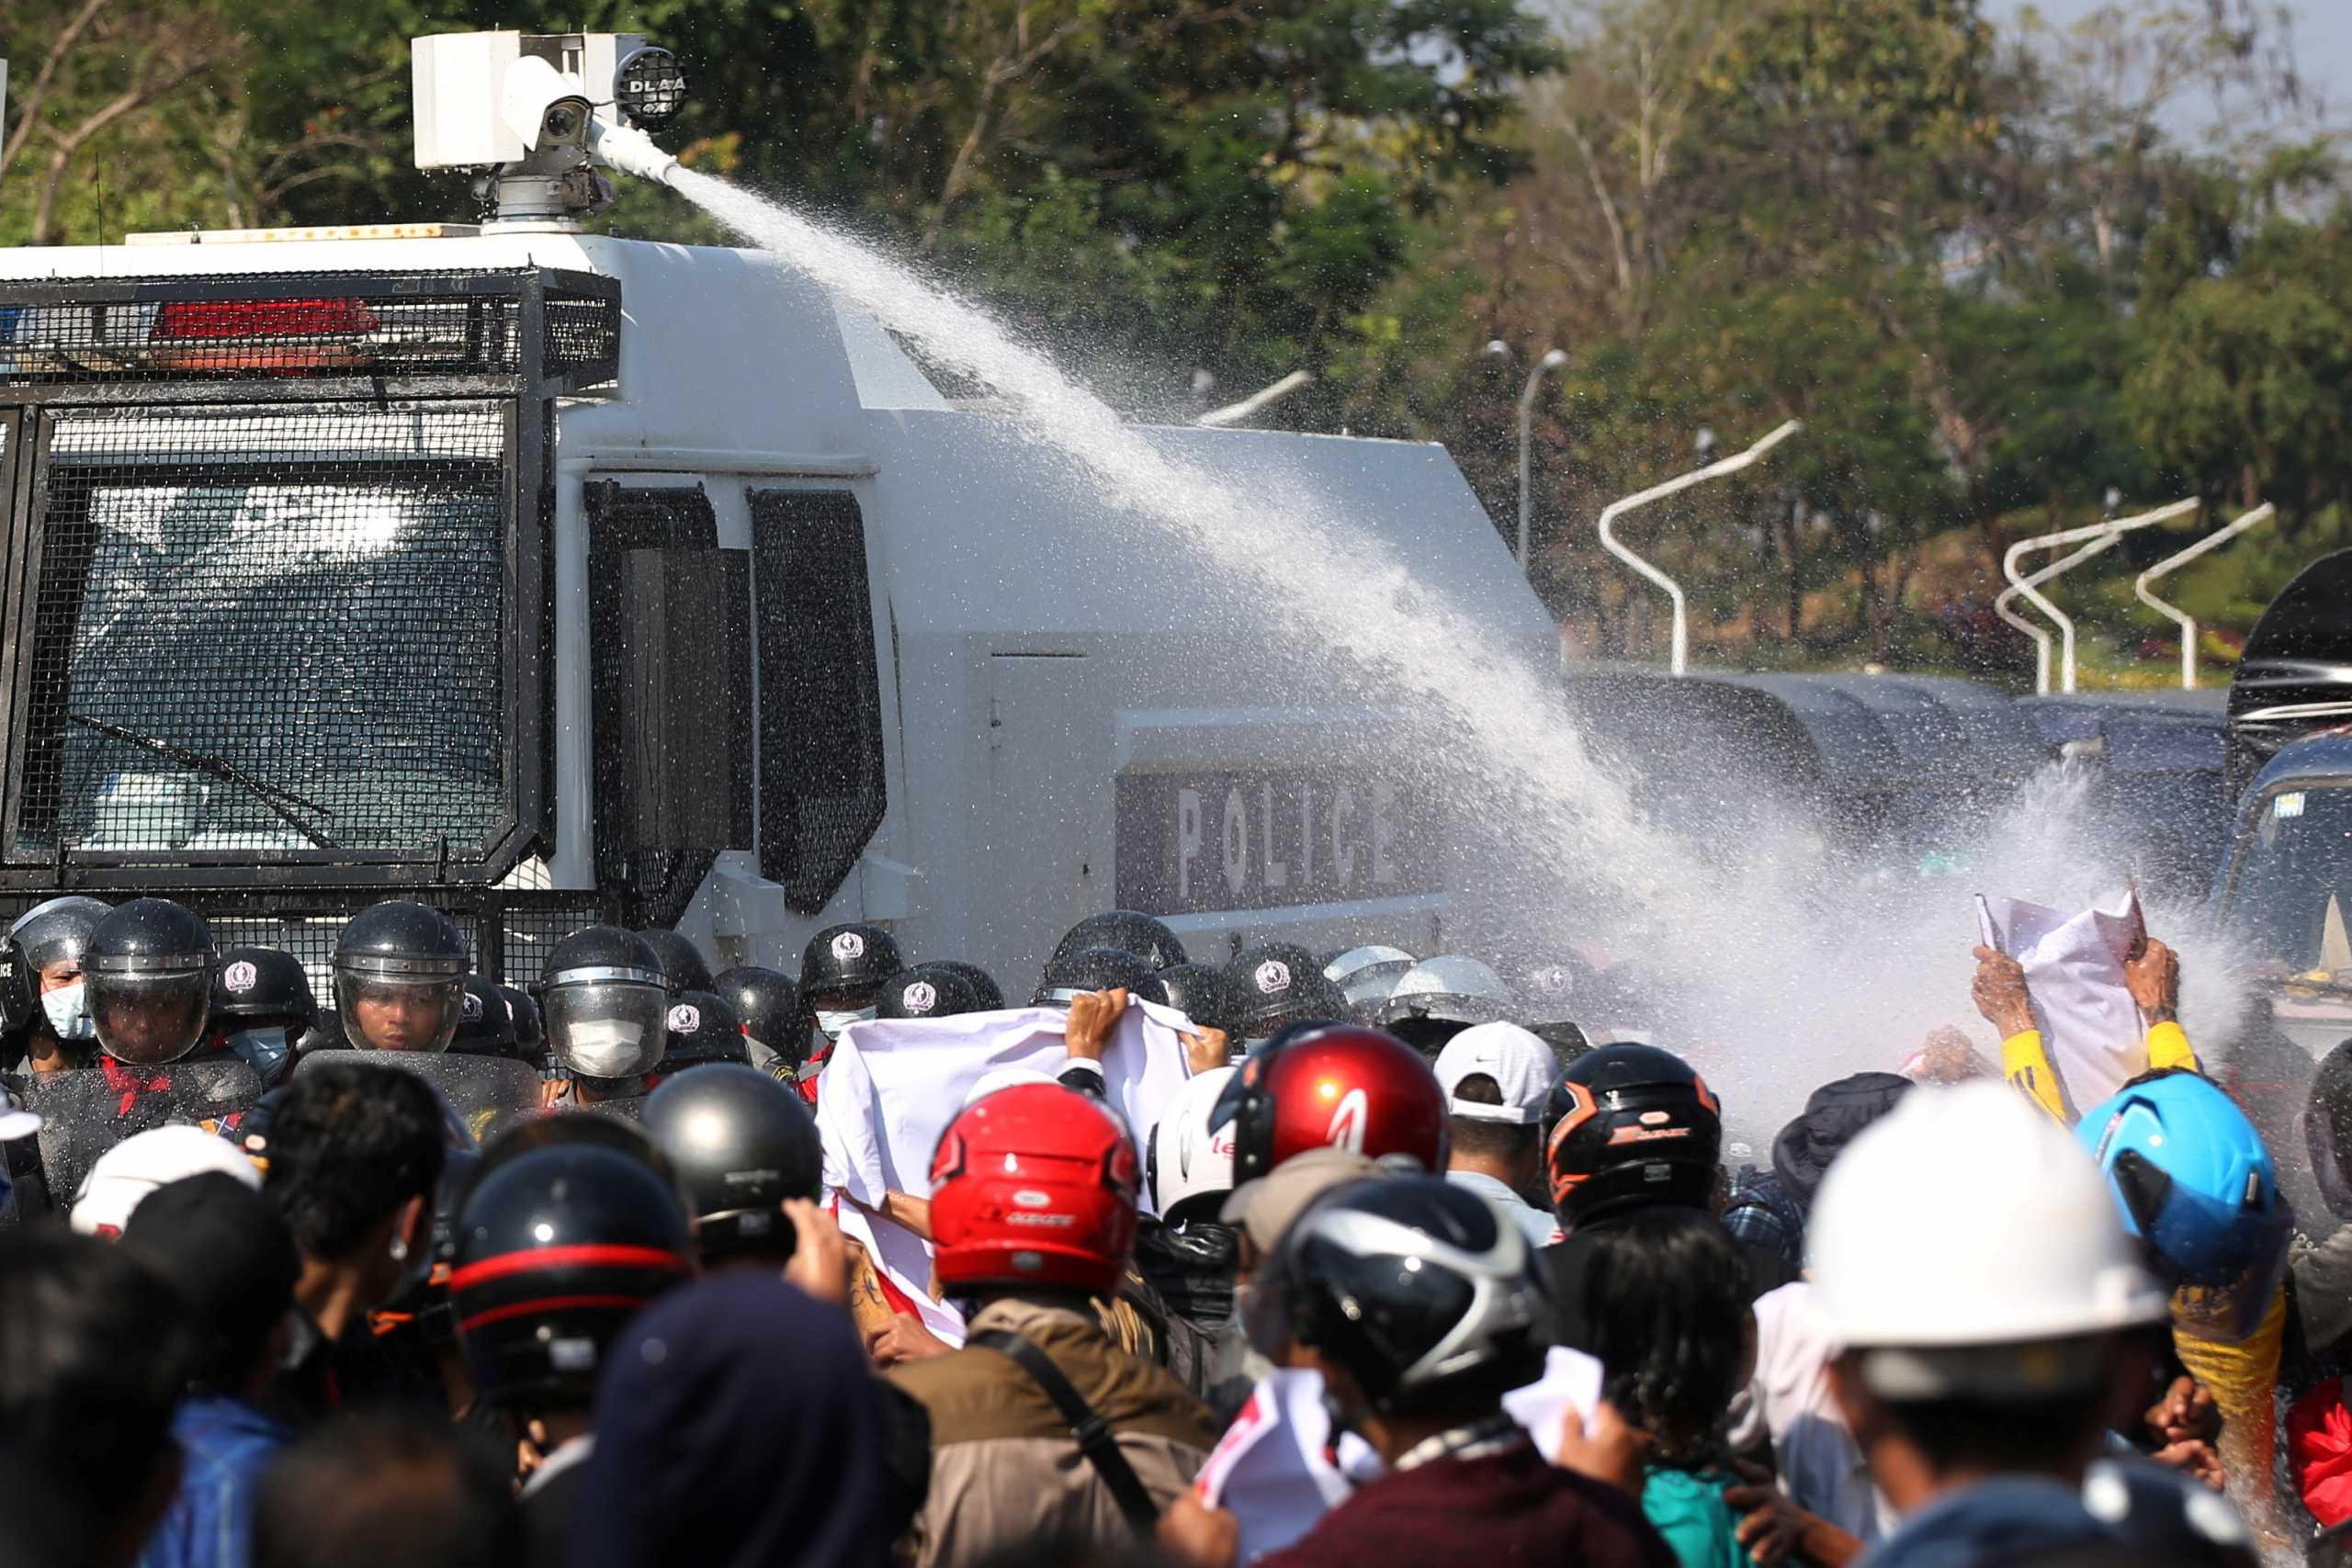 Πραξικόπημα στην Μιανμάρ: Στους δρόμους χιλιάδες κόσμου – Οι αρχές πυροβολούν στον αέρα για να «σπάσουν» οι διαδηλώσεις (pics, vid)